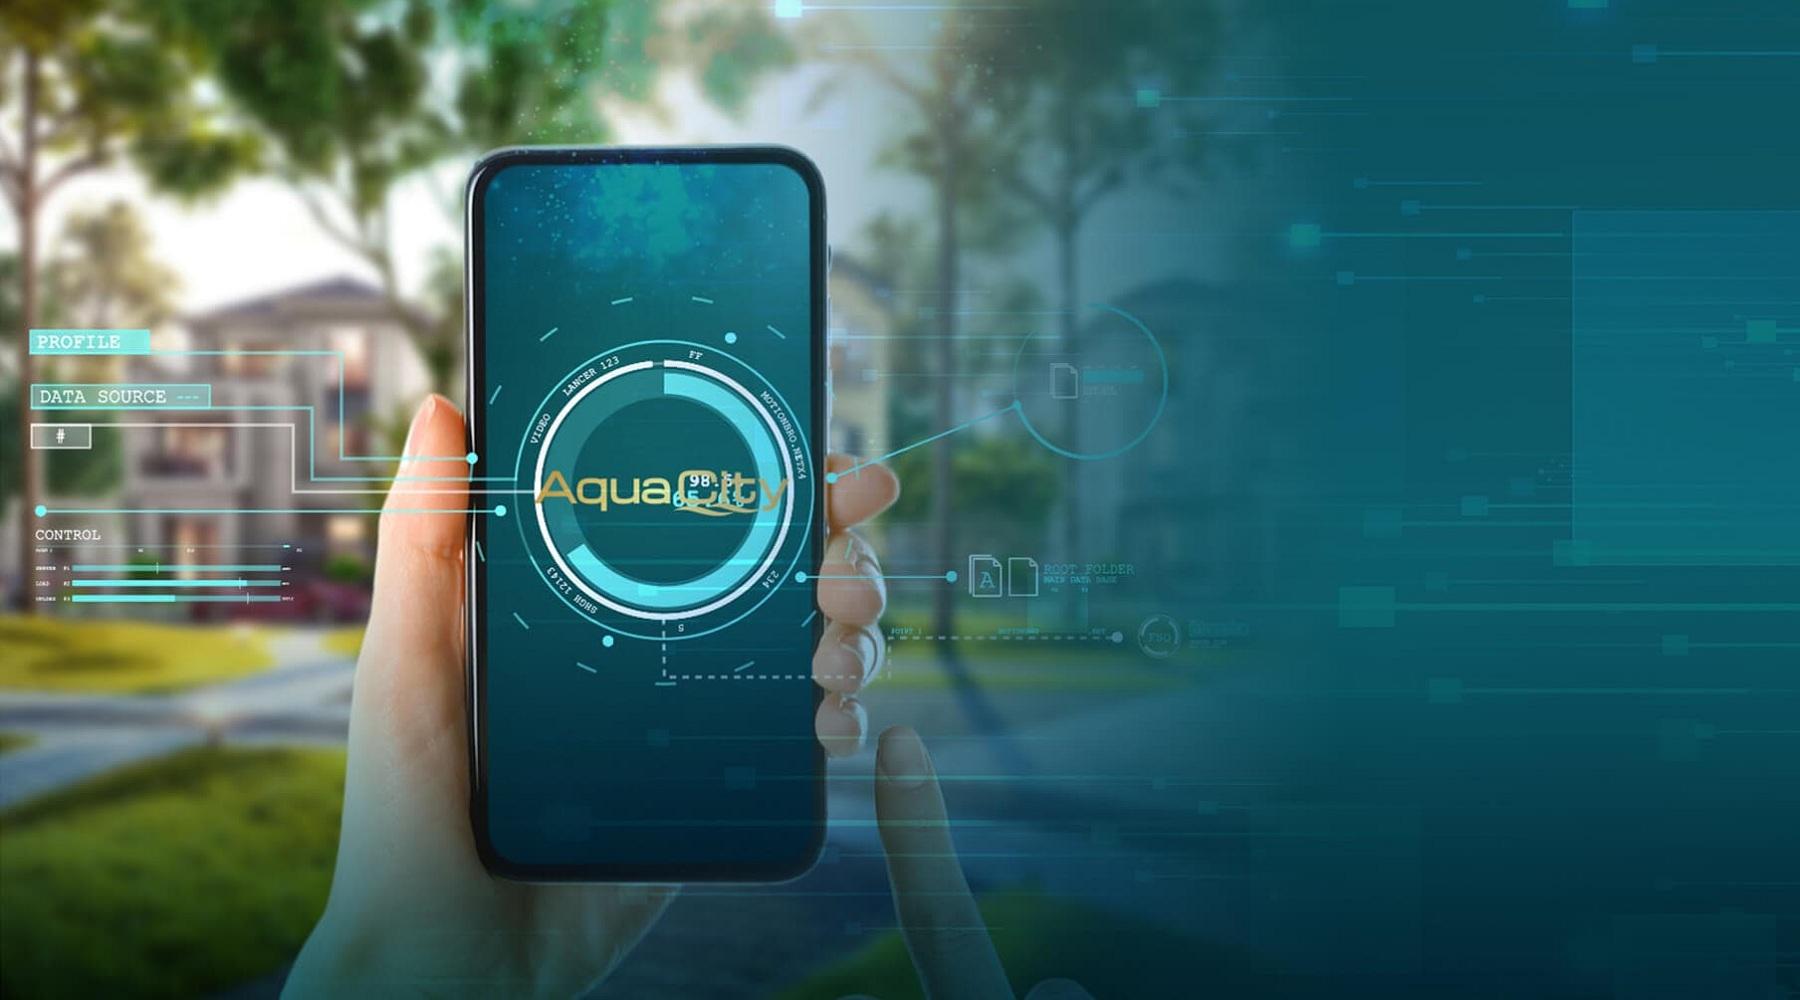 Aqua City trở thành đô thị đáng sống nhờ công nghệ thông minh